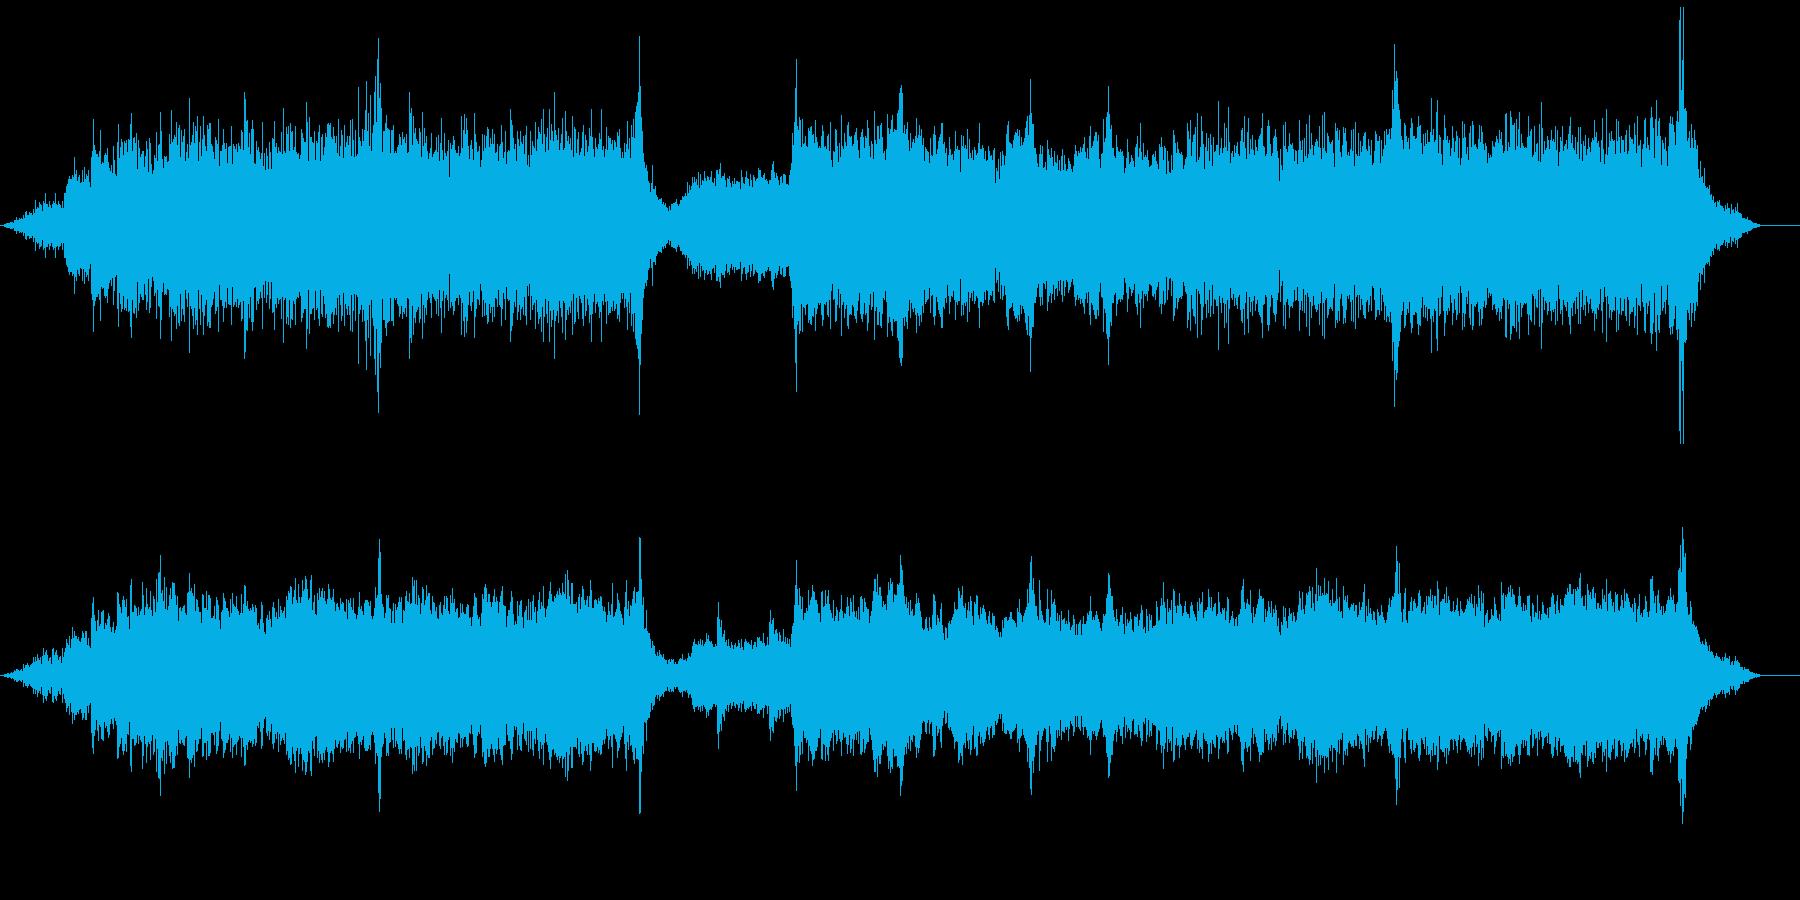 人工衛星、探査機等、宇宙物(組曲風)の再生済みの波形